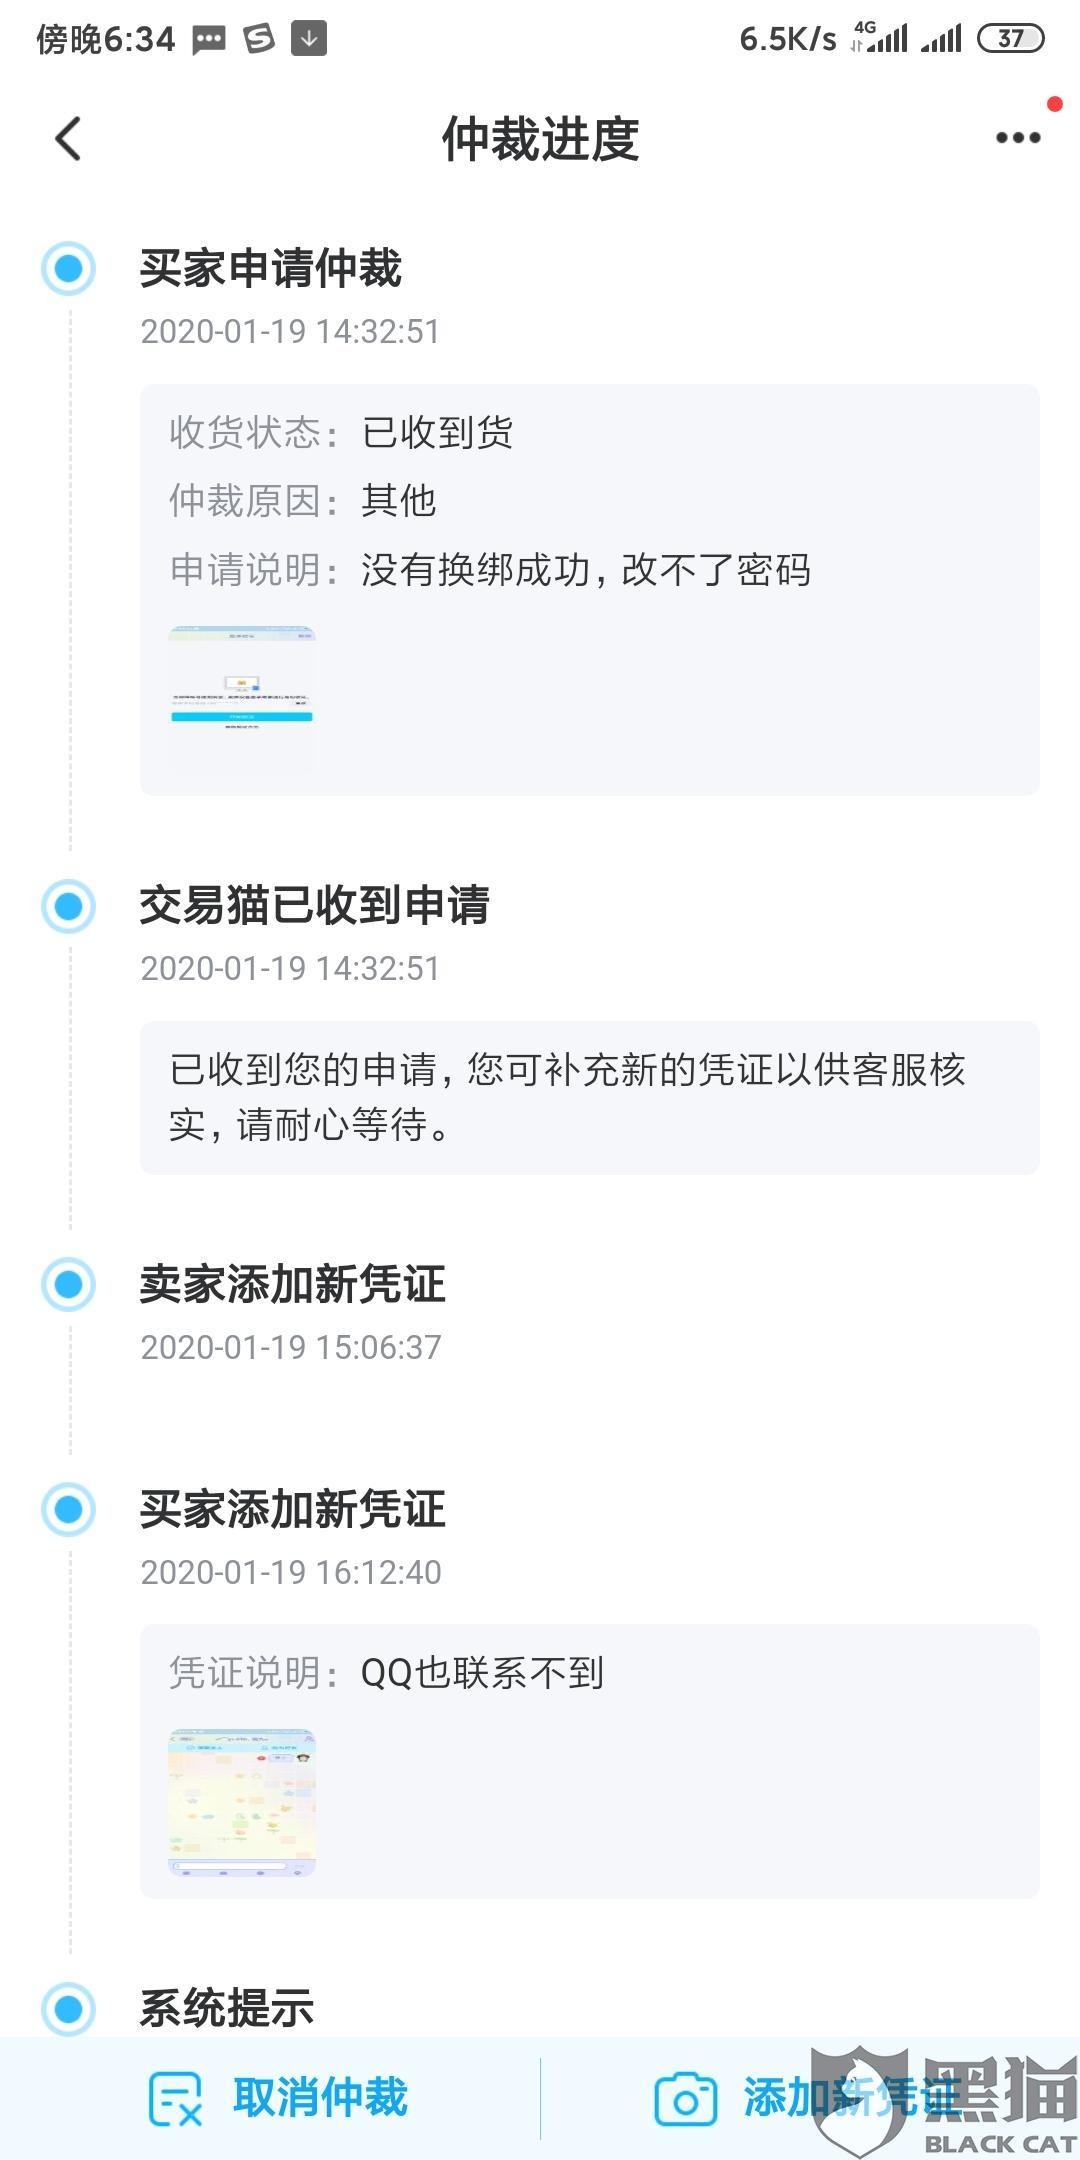 黑猫投诉:说换绑成功,现在我买的QQ还是卖家绑定的手机号